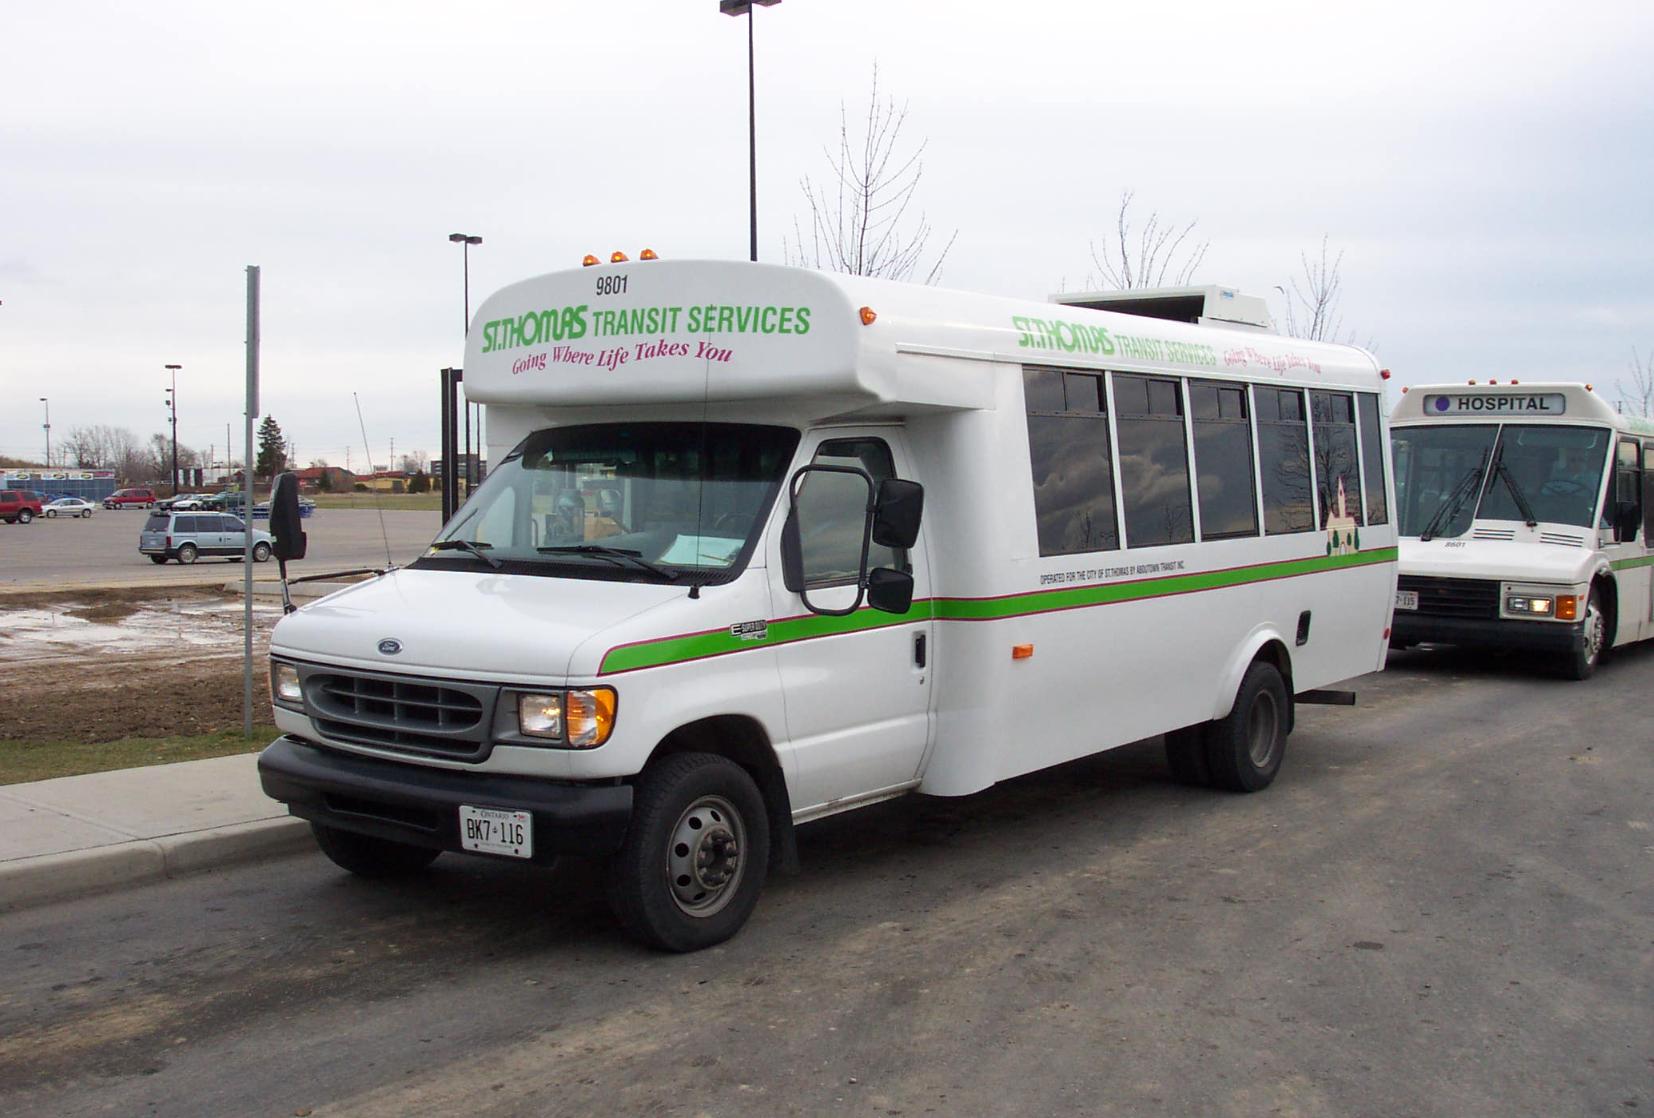 St. Thomas Transit Bus